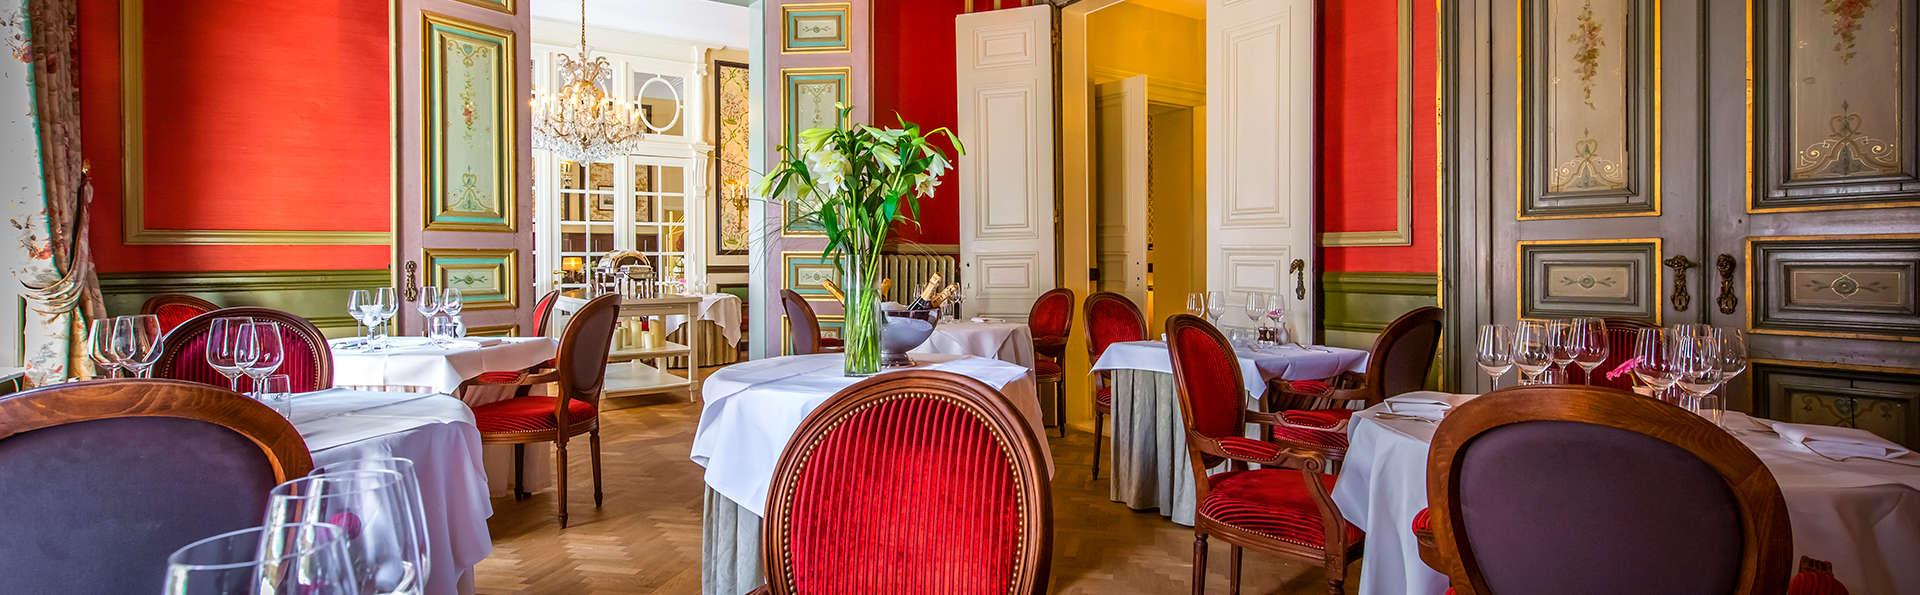 Culinaire hoogstandjes in het prachtige Brugge